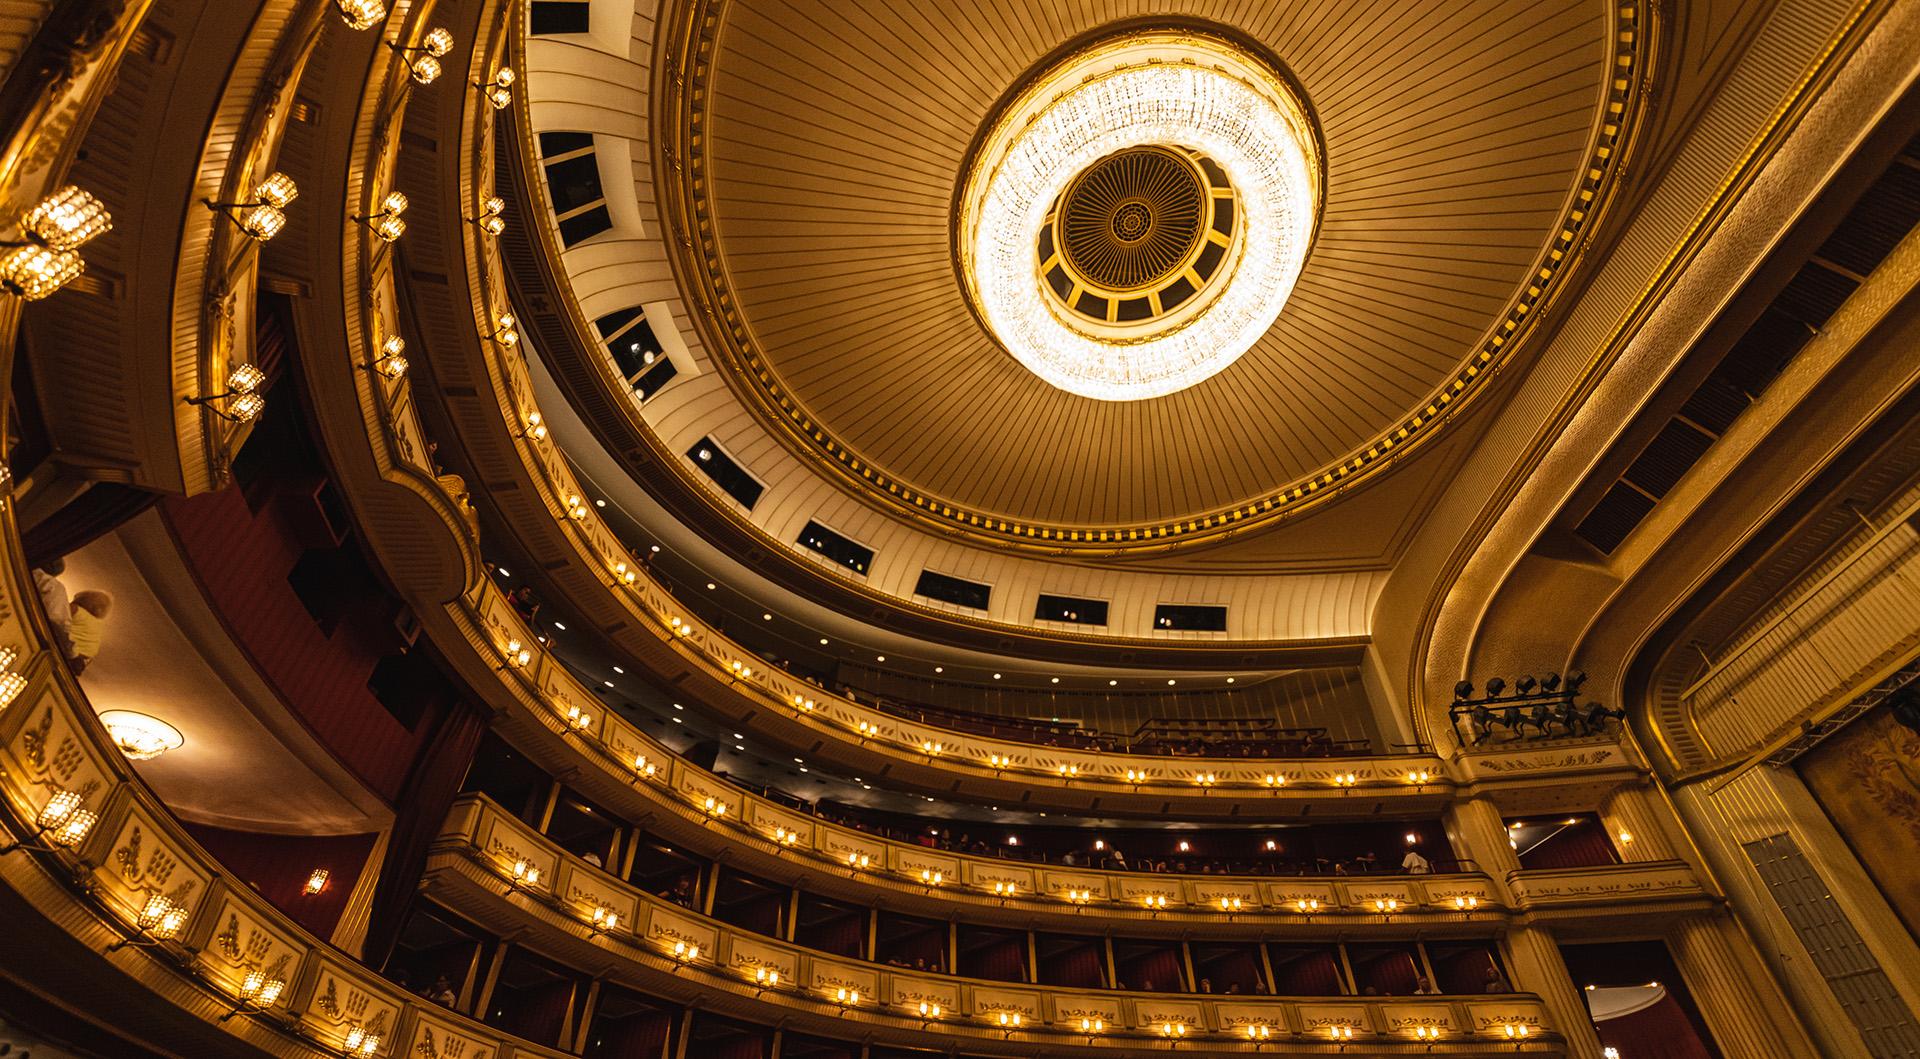 logias e iluminación de techo de la Ópera Estatal de Viena